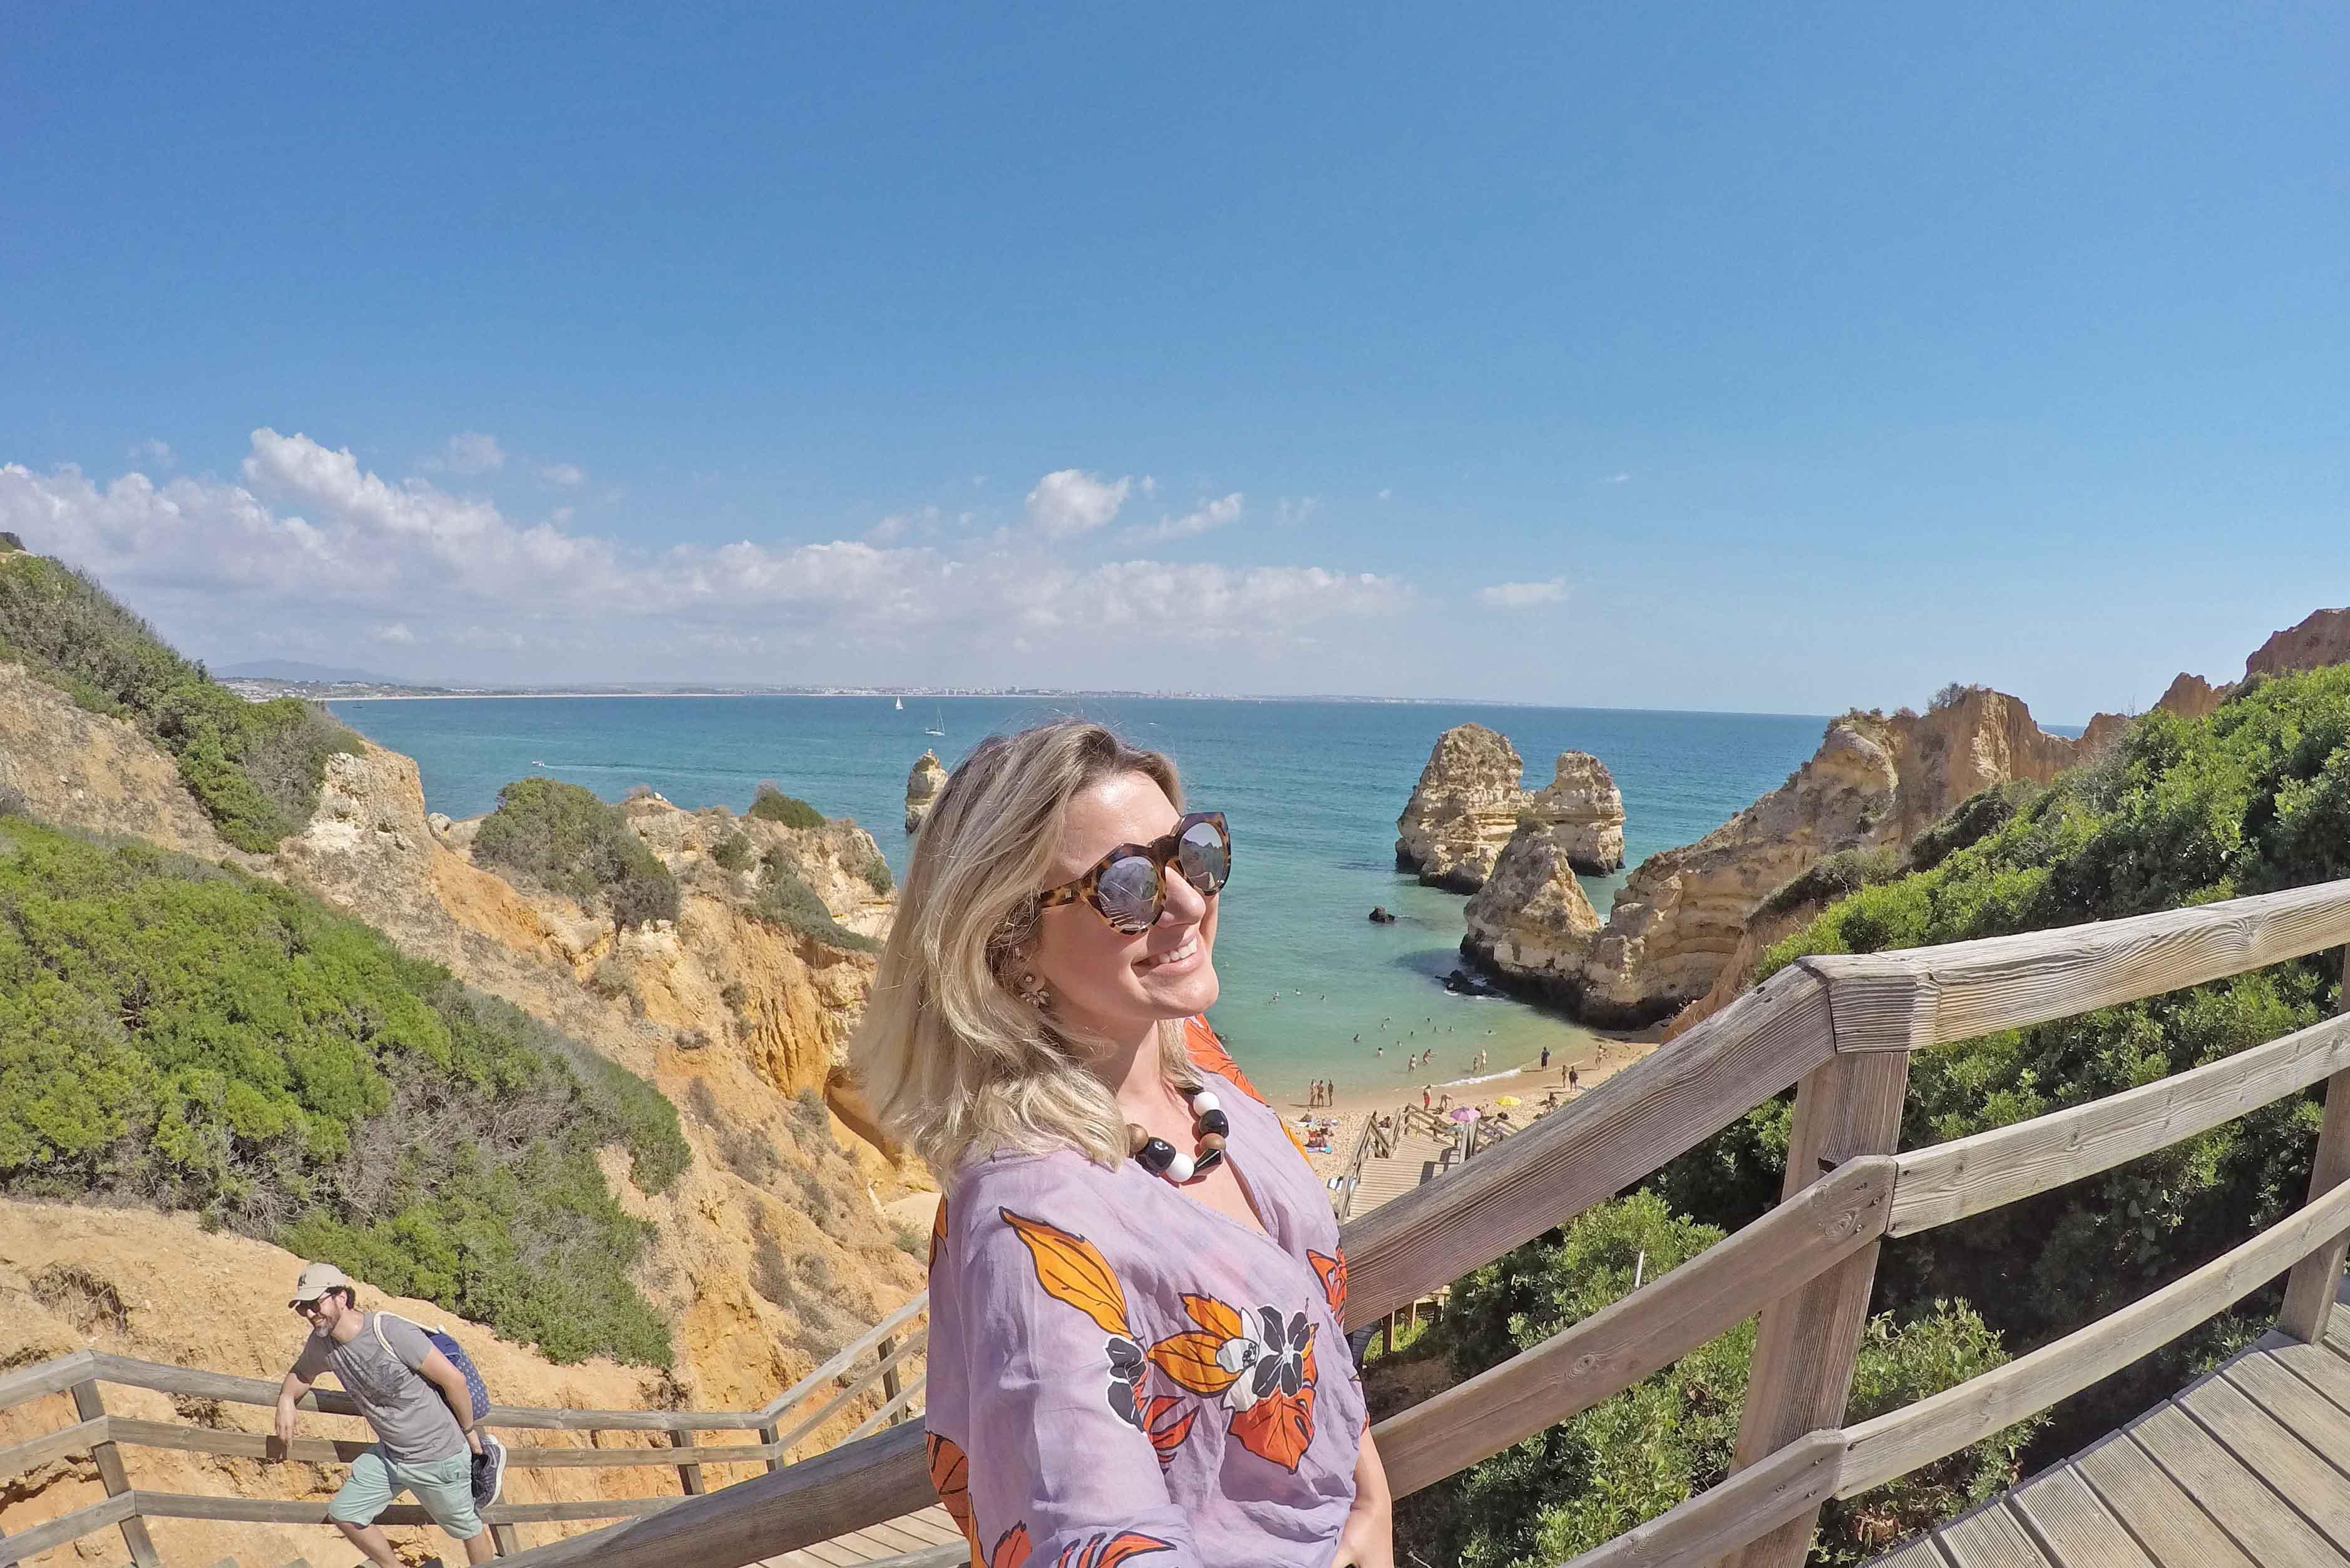 dicas do algarve portugal praia do camilo